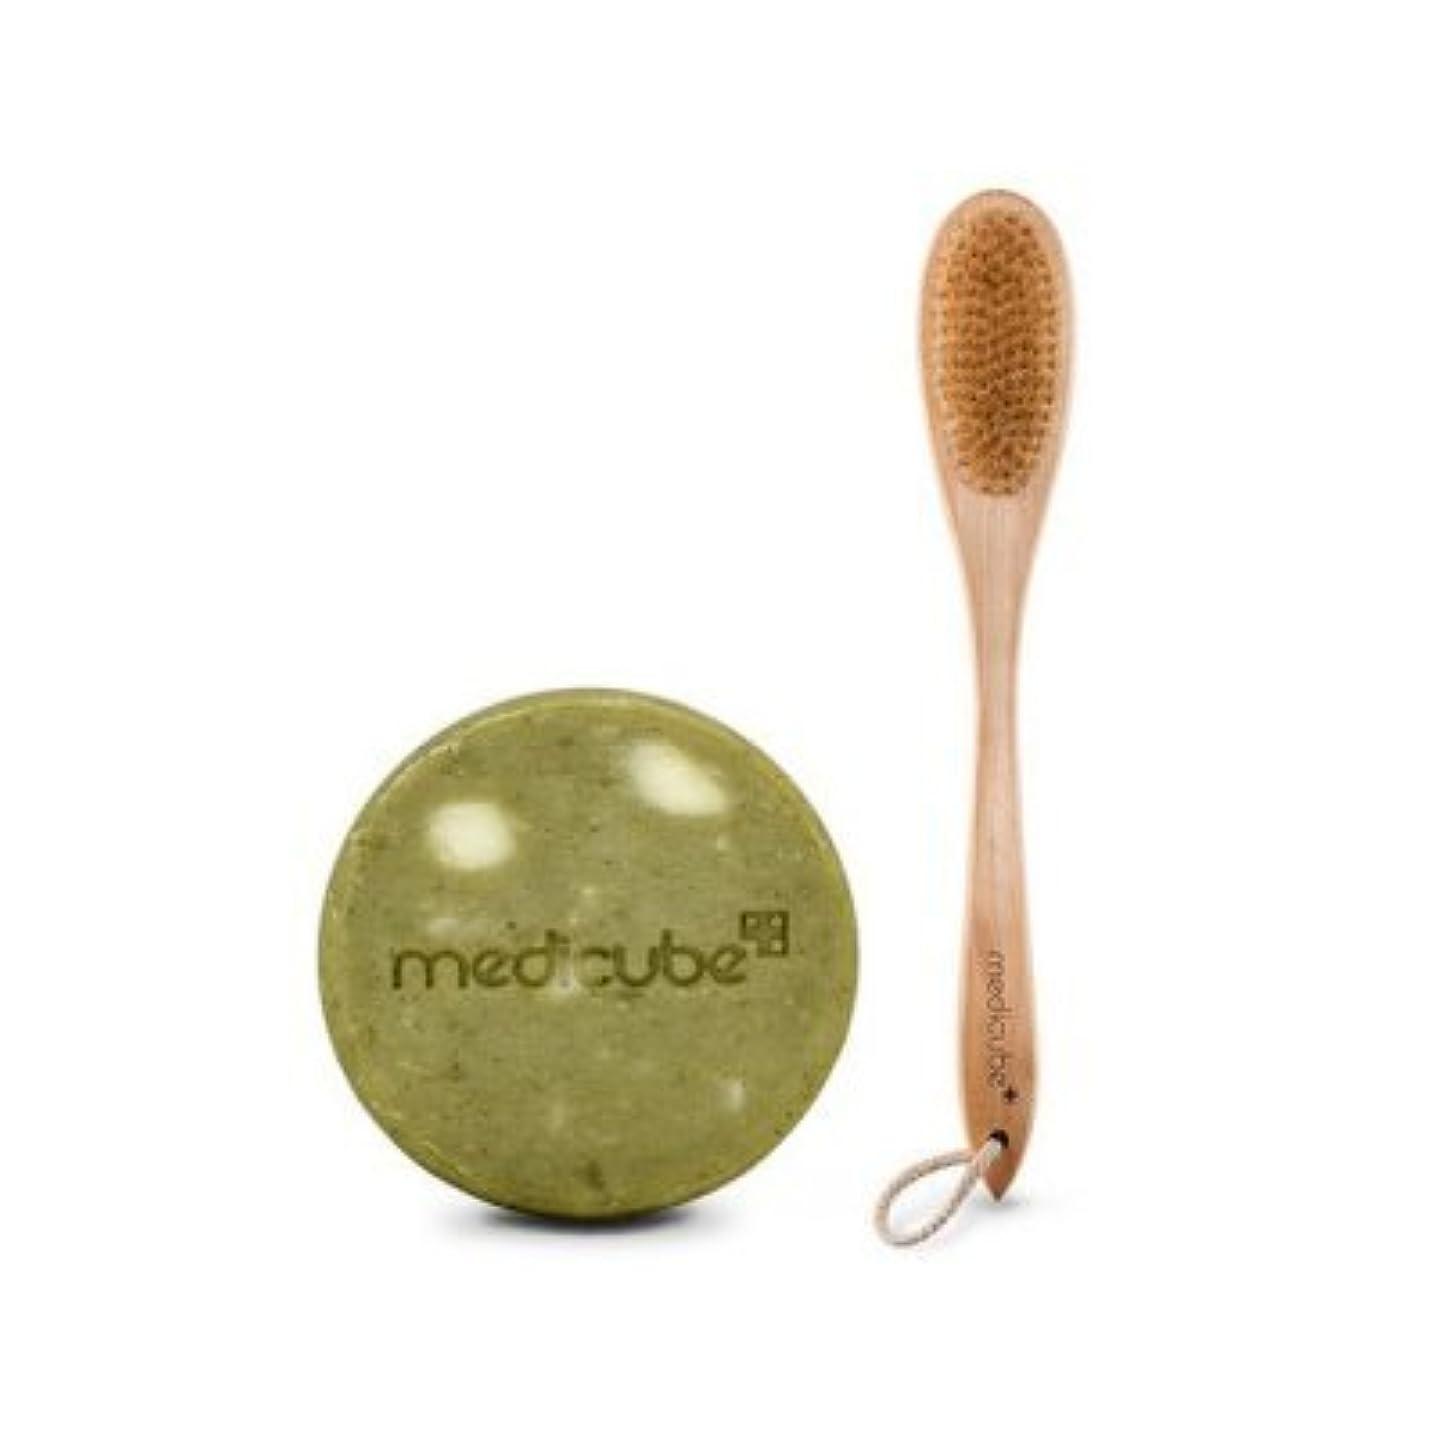 魅力的ニンニク敏感な[Medicube メディキューブ] レッドボディークレンジングブラシ+ボディーバーセット / Red Body Cleansing Brush+Body bar set [並行輸入品]